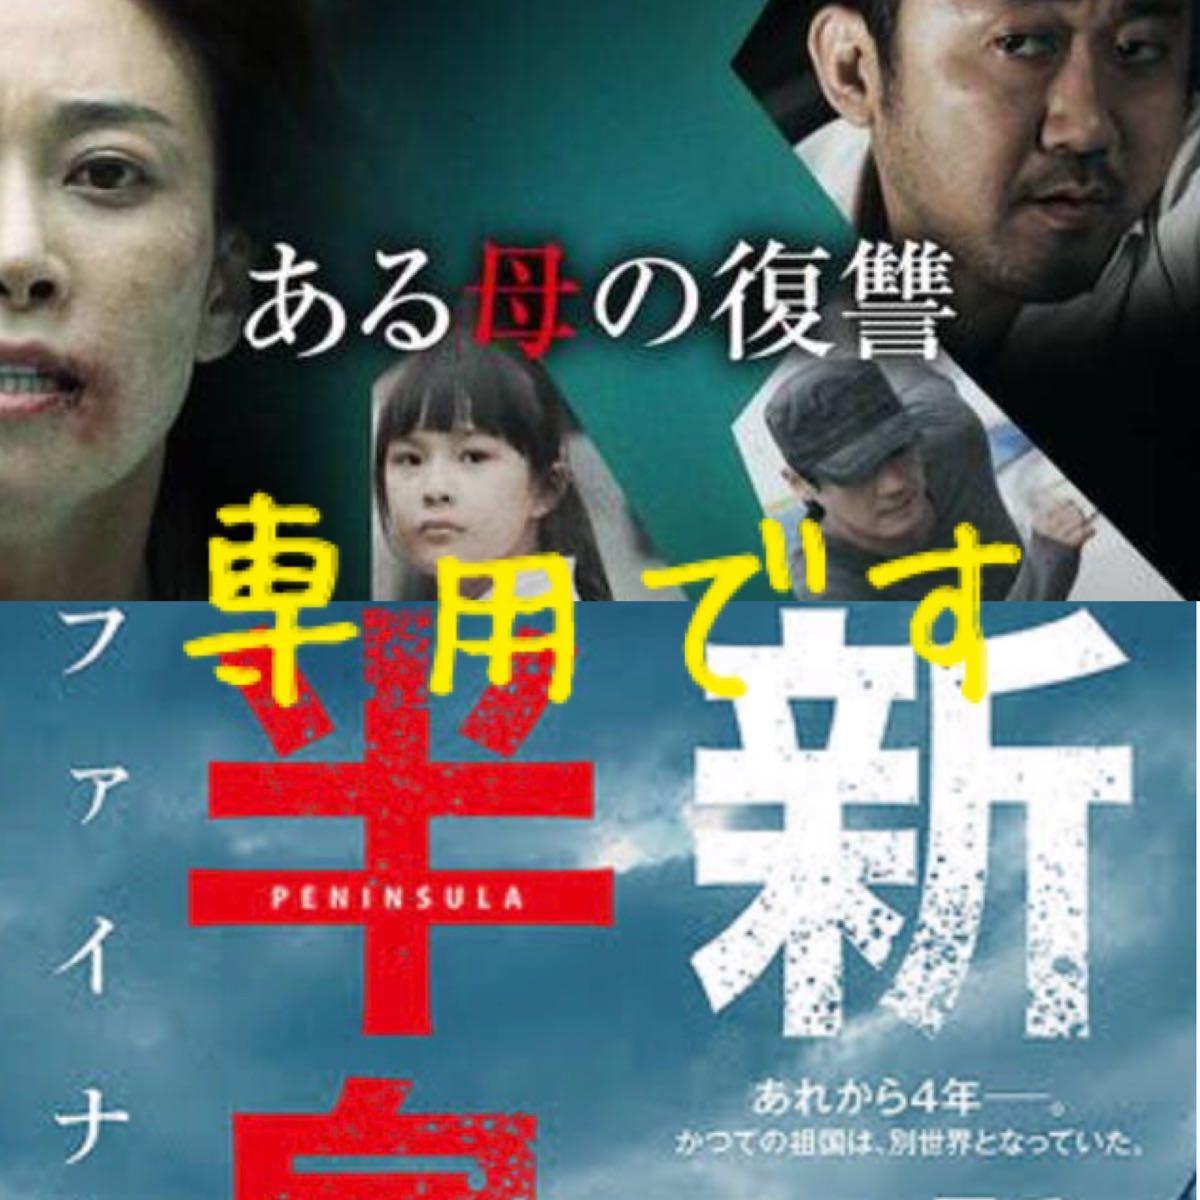 専用です。韓国映画  ある母の復讐  新感染半島  DVD 2点セット レーベル有り